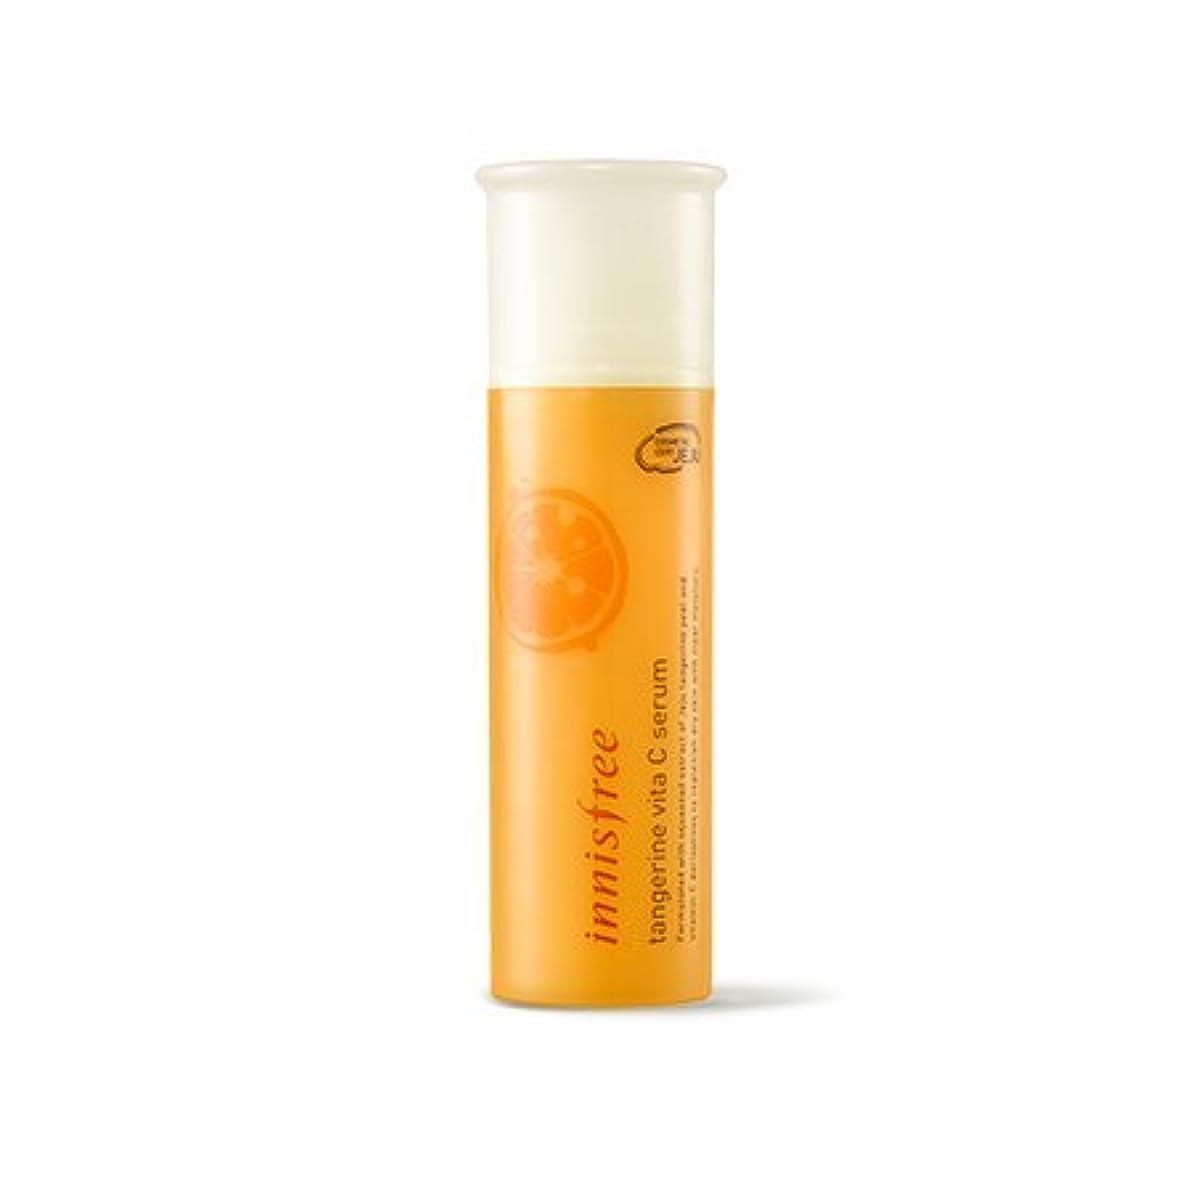 外交官挽くモート[New] innisfree Tangerine Vita C Serum 50ml/イニスフリー タンジェリン ビタ C セラム 50ml [並行輸入品]